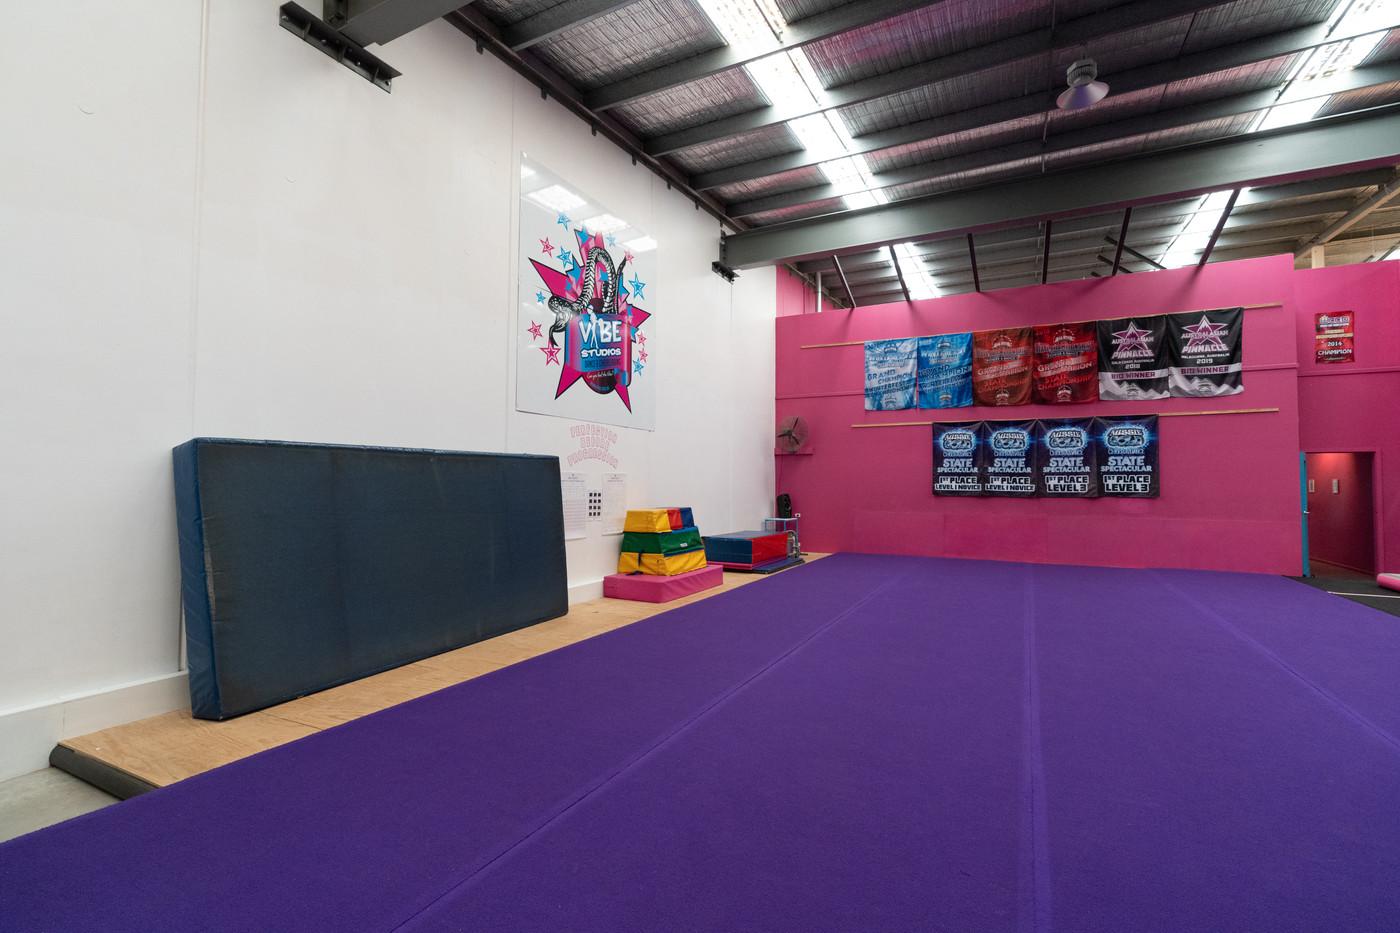 Cheer Floor 2